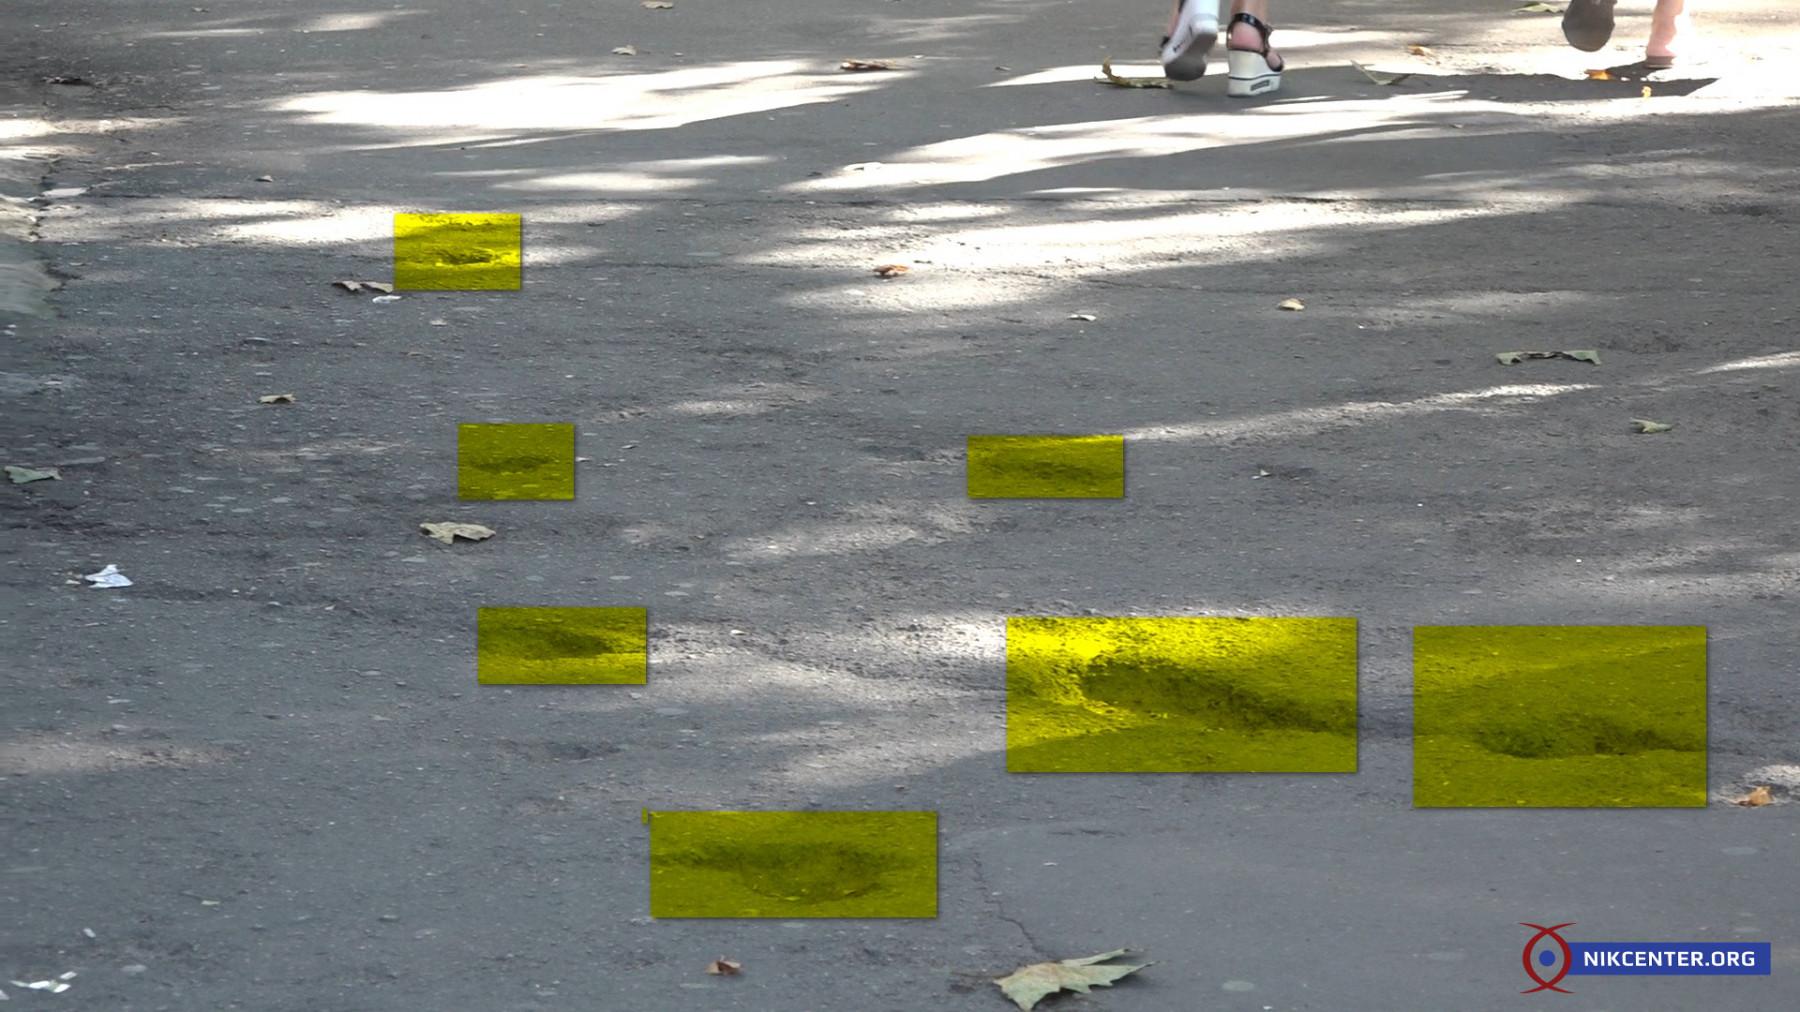 Зато на Соборной, возле гостиницы Украина, зияют большие ямы из-за которых николаевцы регулярно ломают себе ноги. Но до них никому дела нет